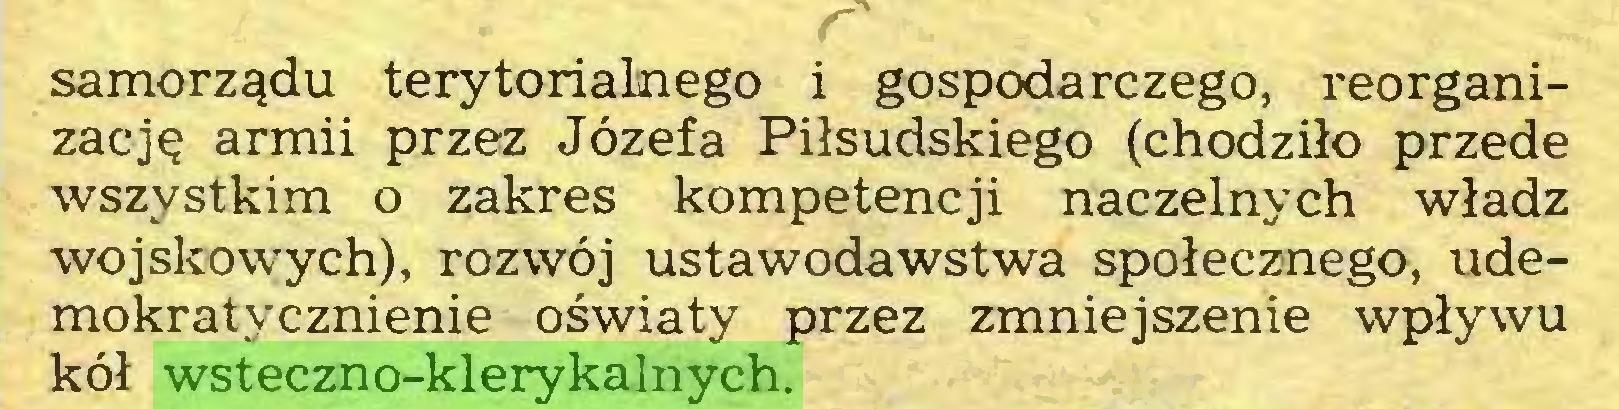 (...) samorządu terytorialnego i gospodarczego, reorganizację armii przez Józefa Piłsudskiego (chodziło przede wszystkim o zakres kompetencji naczelnych władz wojskowych), rozwój ustawodawstwa społecznego, udemokratycznienie oświaty przez zmniejszenie wpływu kół wsteczno-klerykalnych...